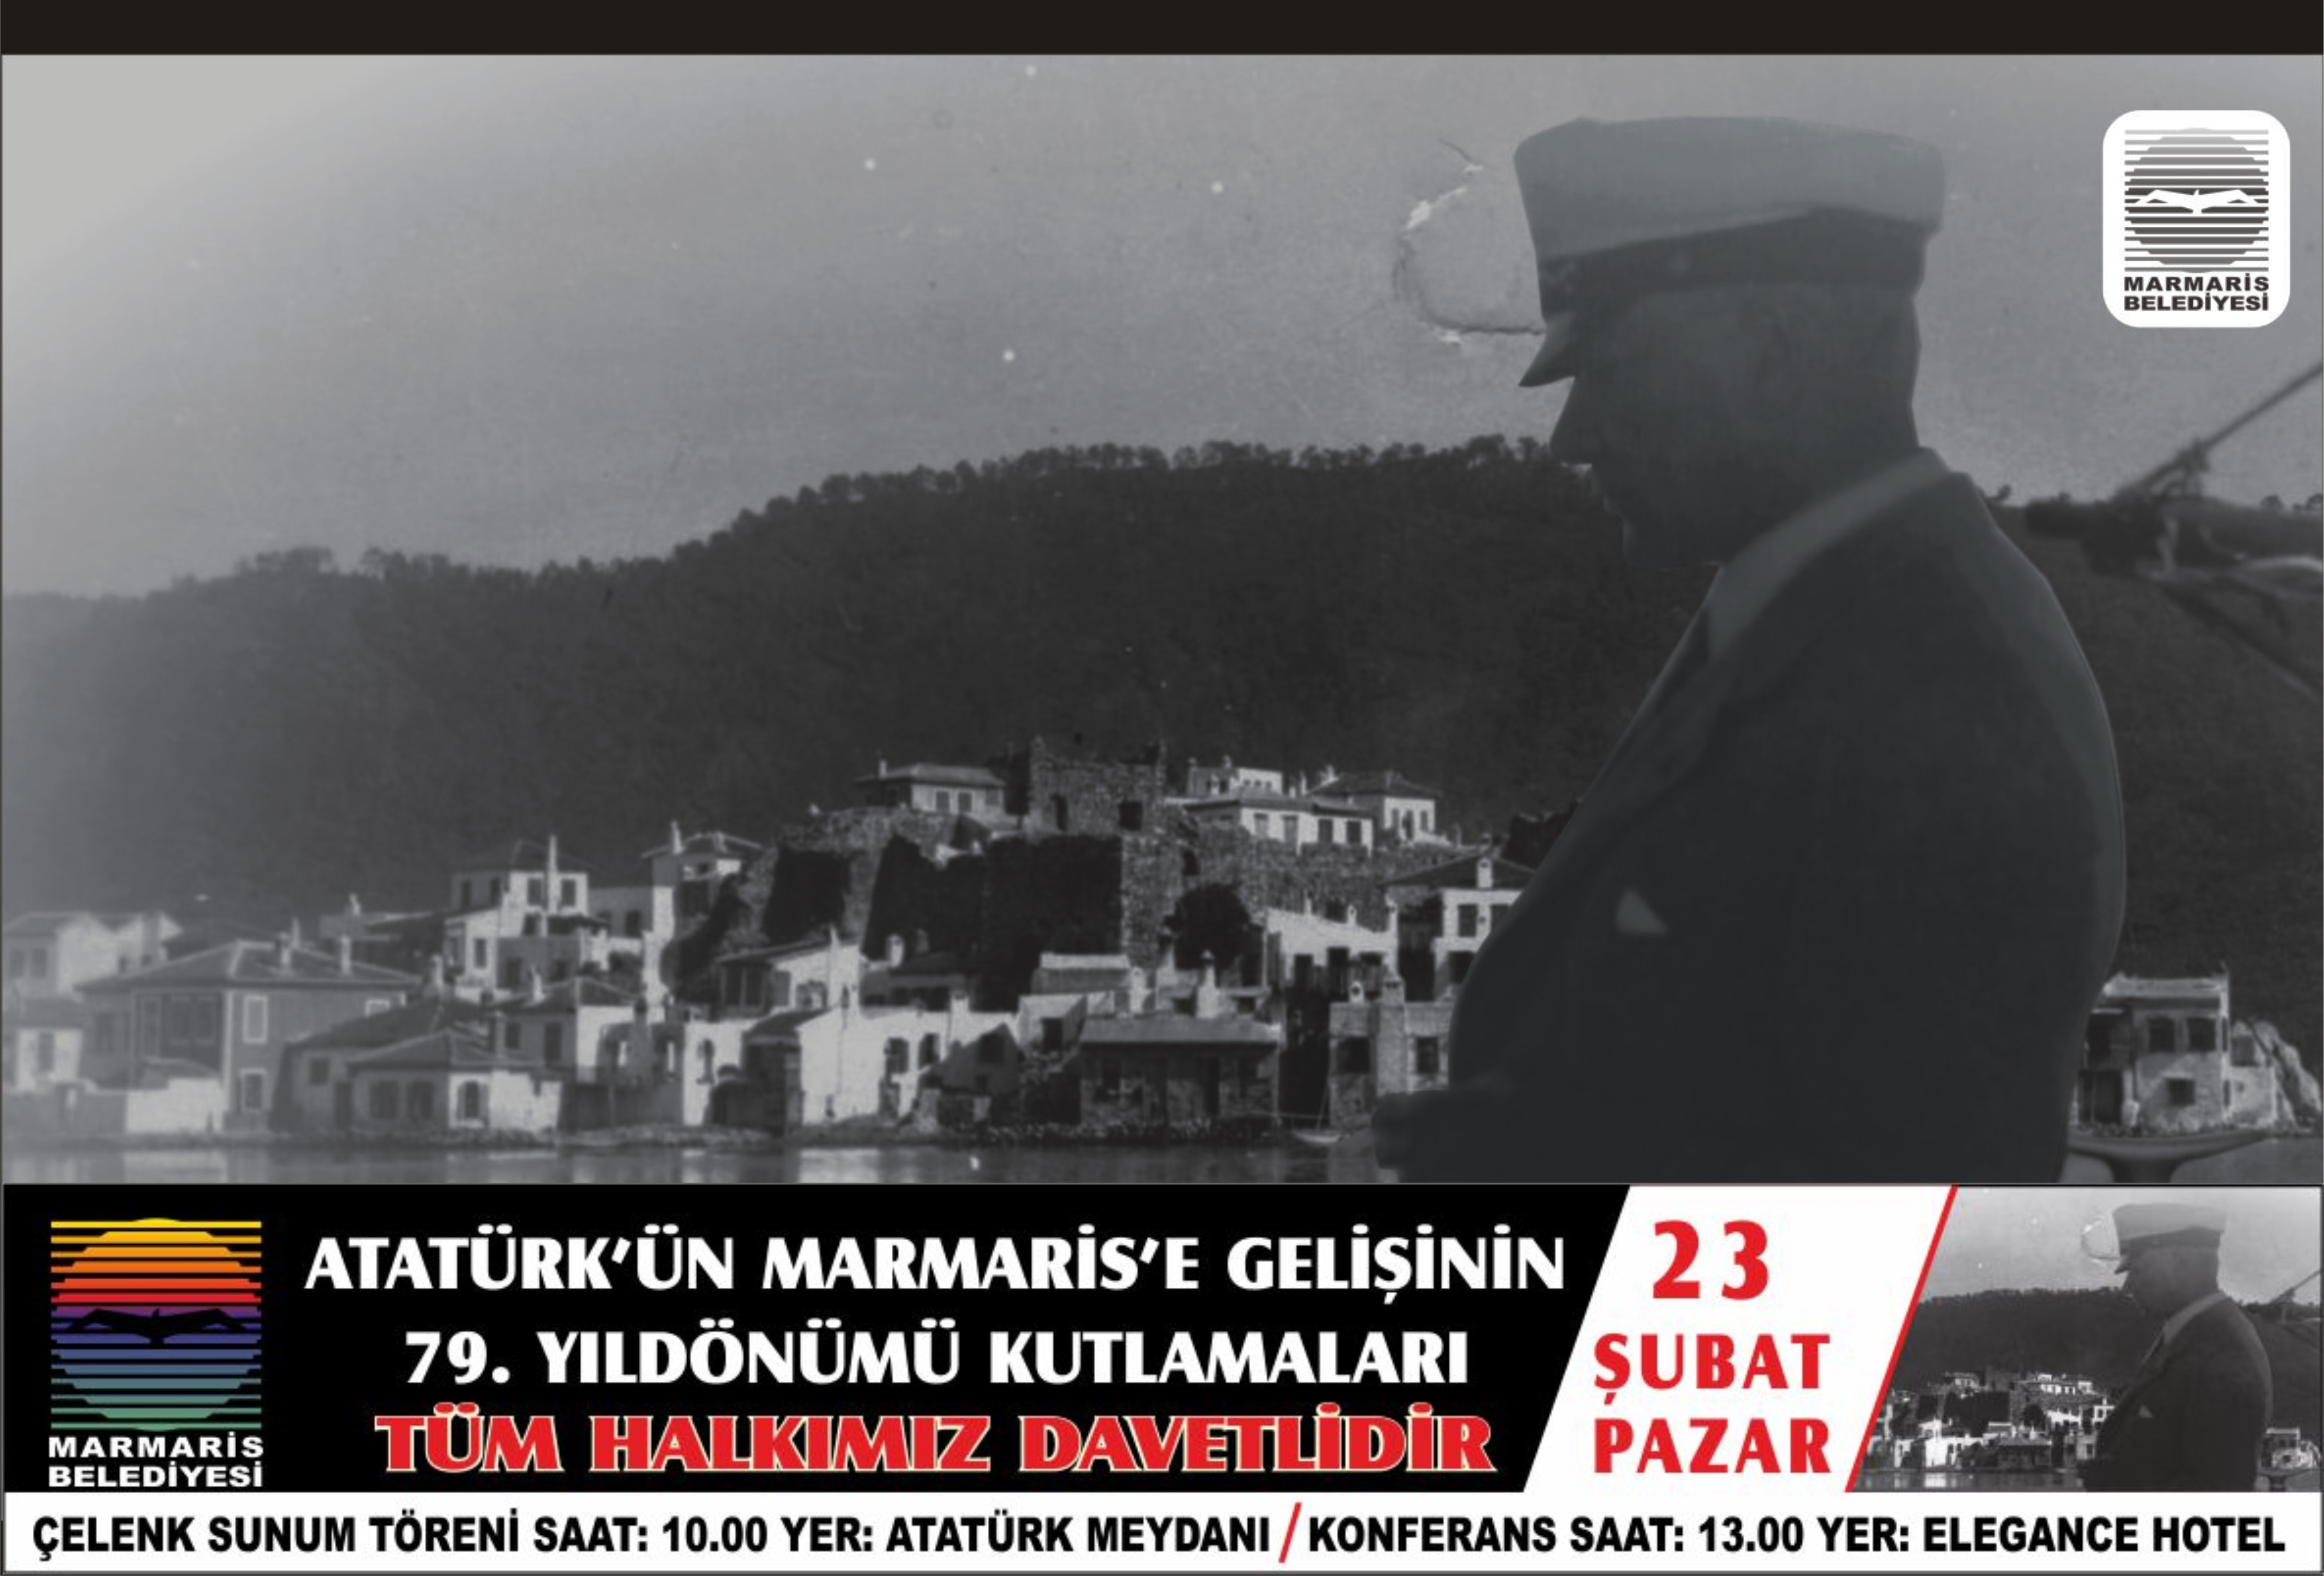 Atatürkün Marmarise gelişi